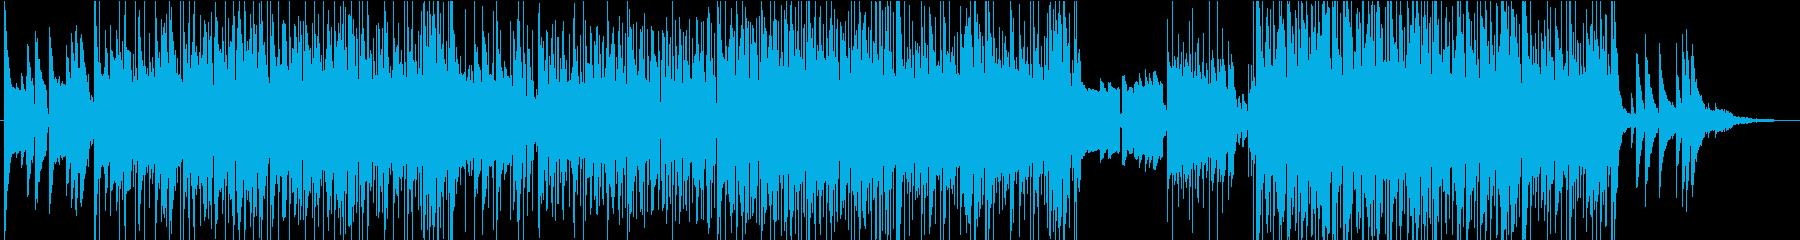 洋楽風のポップな曲の再生済みの波形